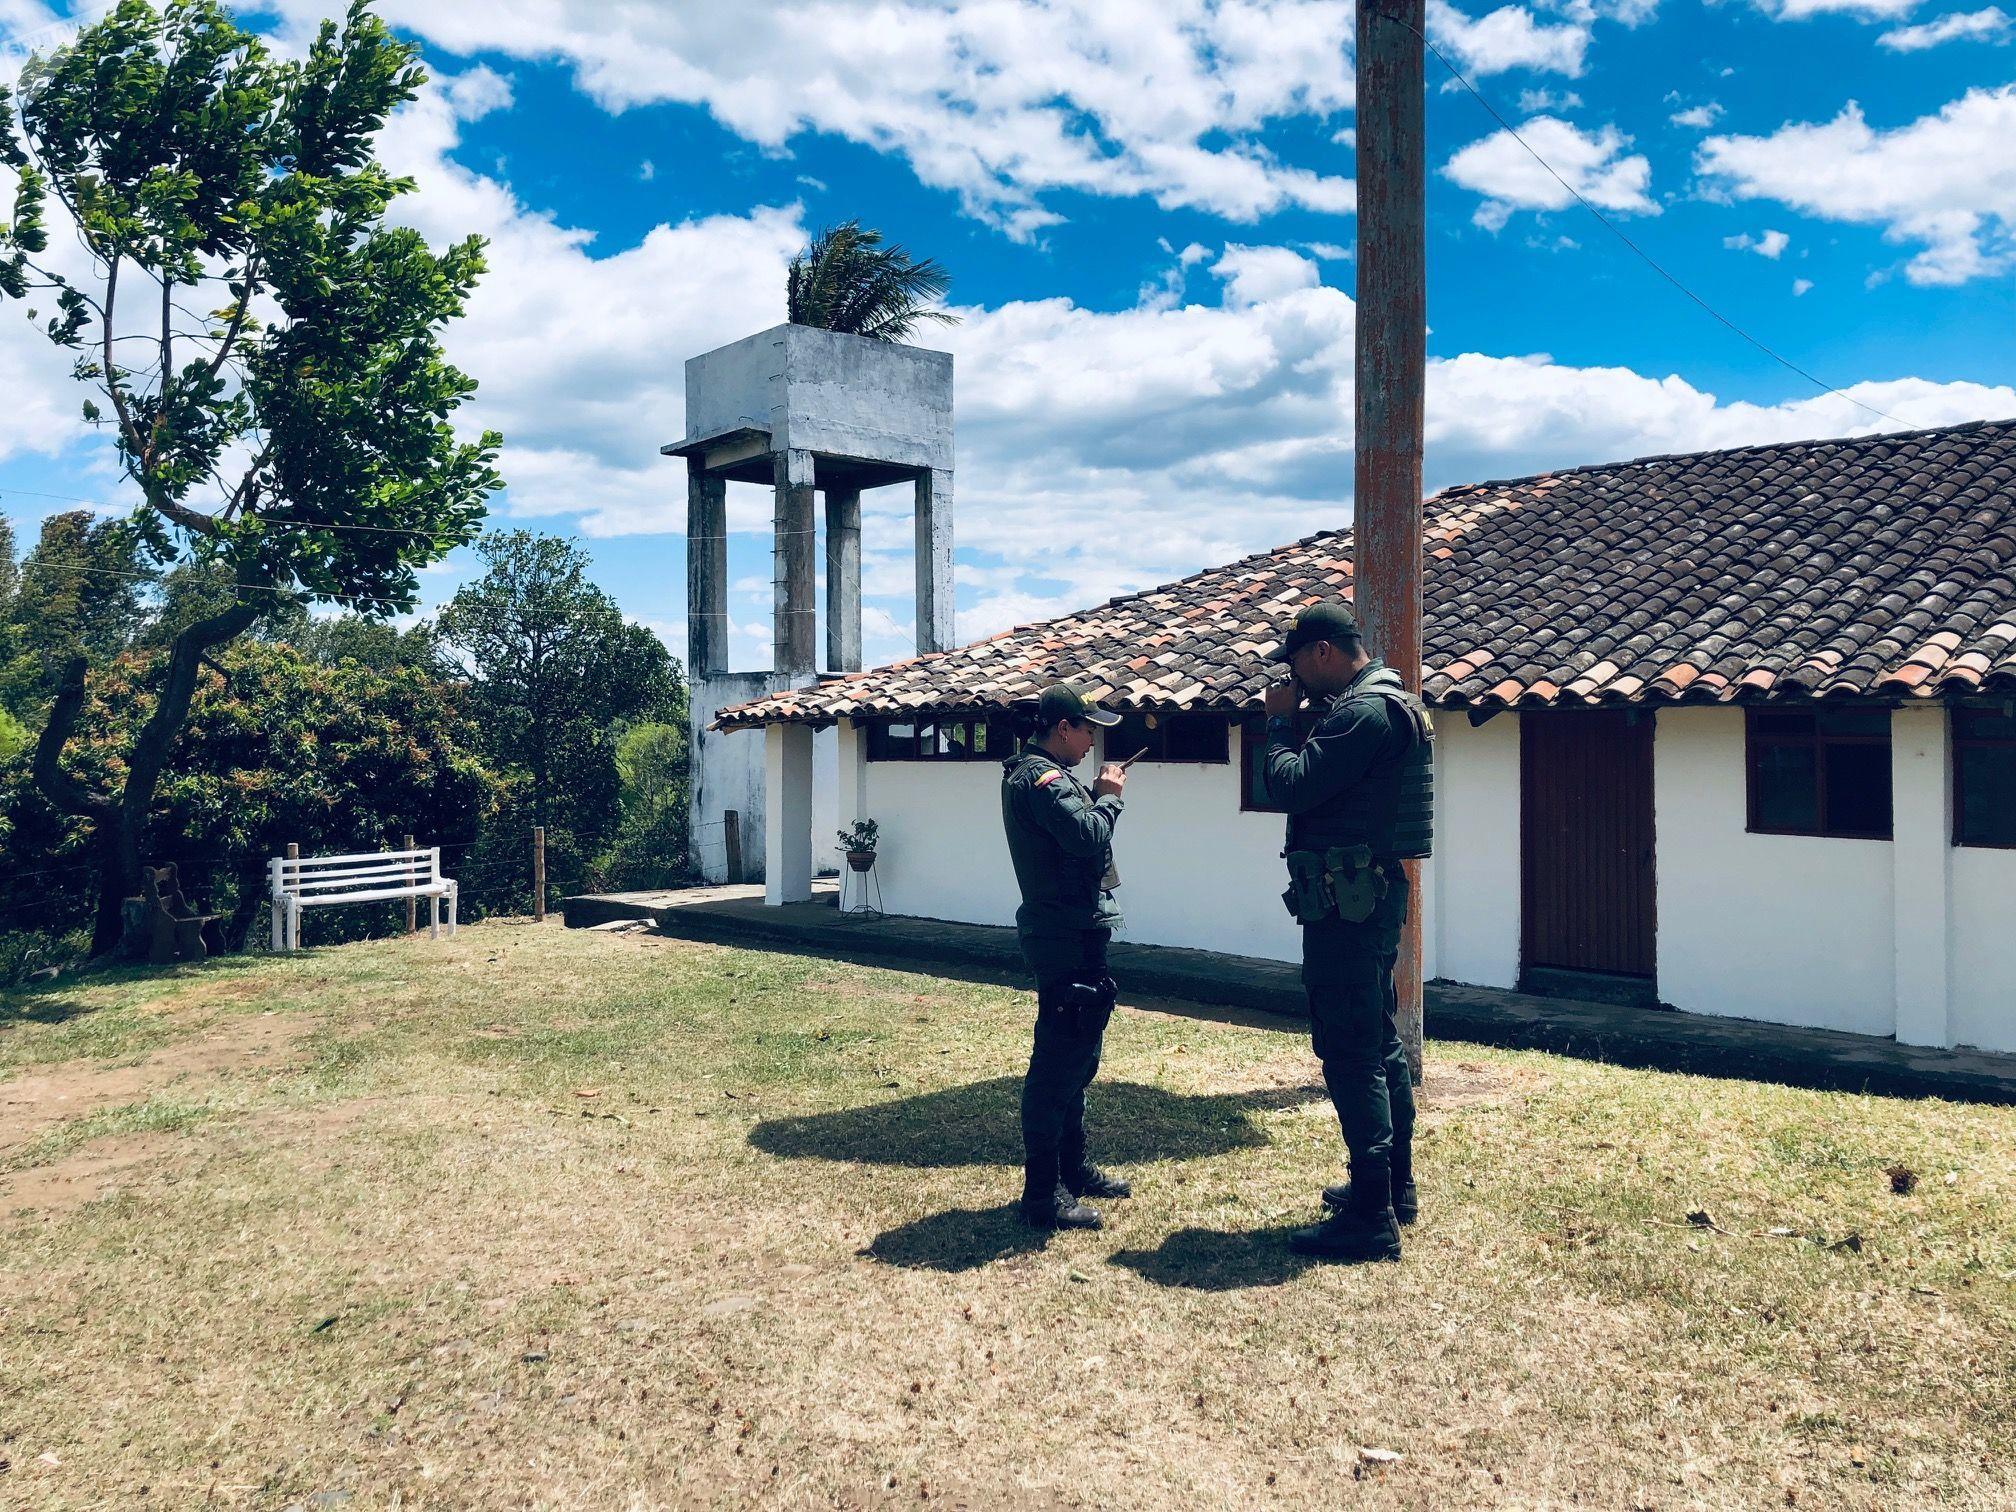 Unos policías en la finca 'La Bonanza' en el Departamento del Cauca